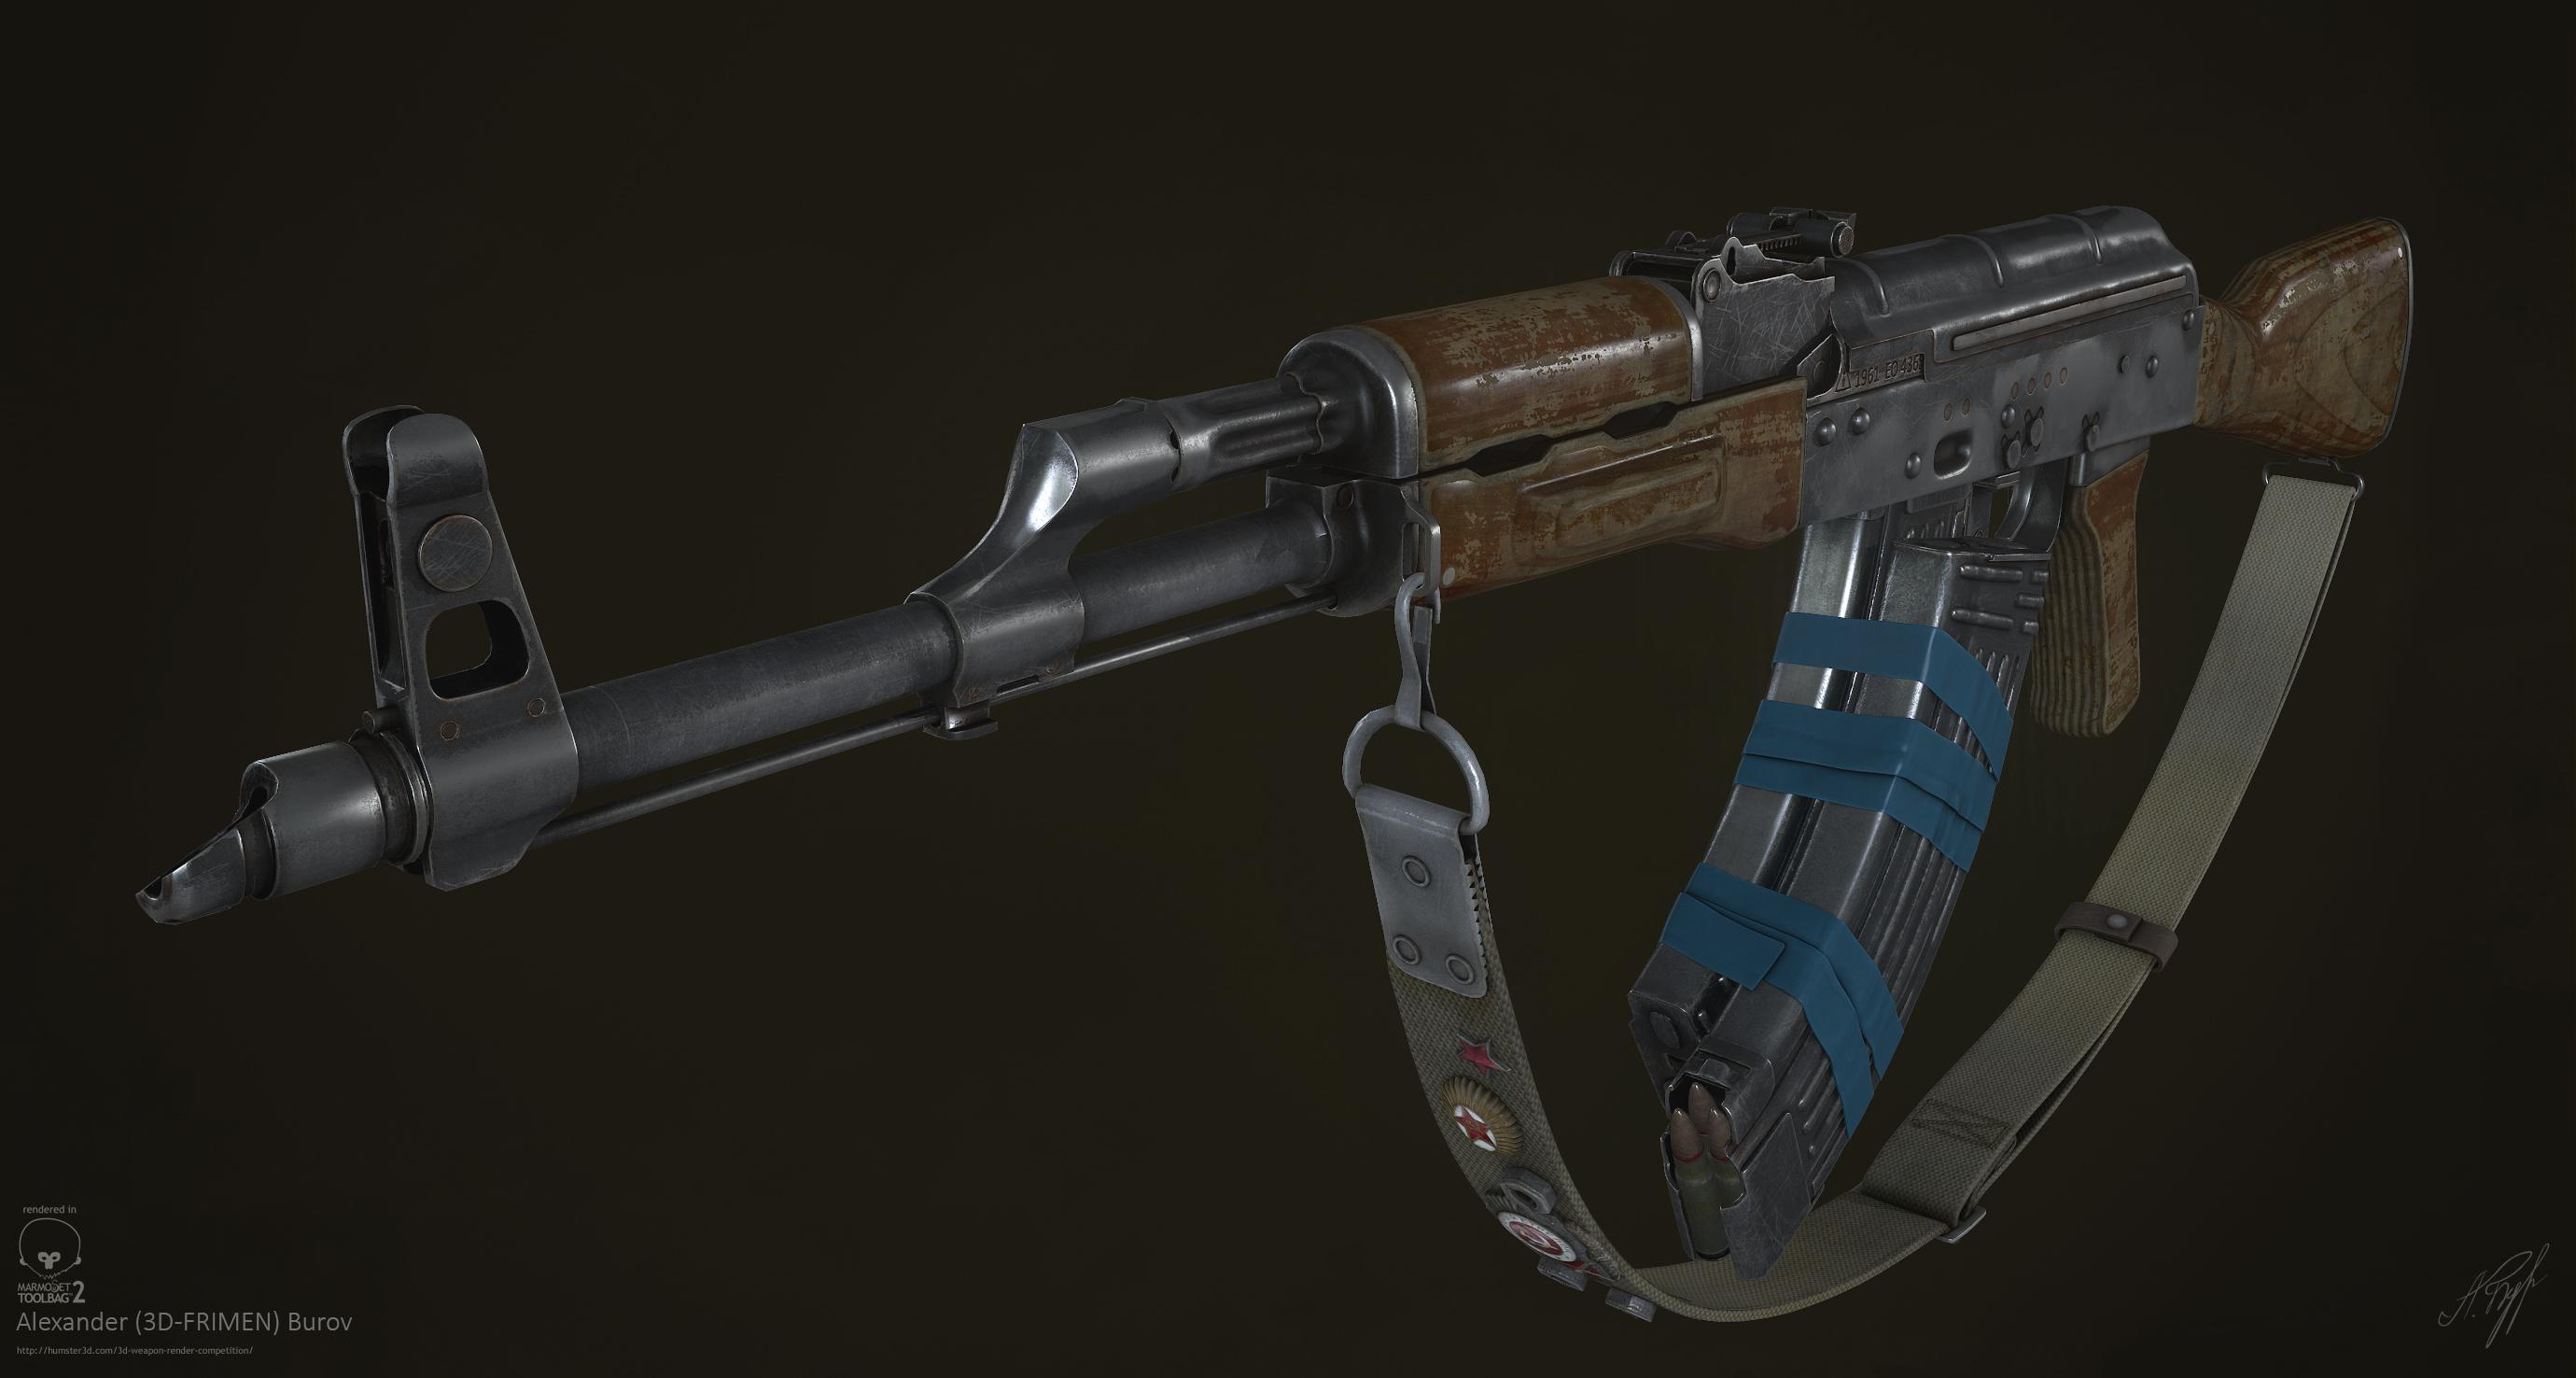 Avtomat Kalashnikova Modernizirovanniy 3d art